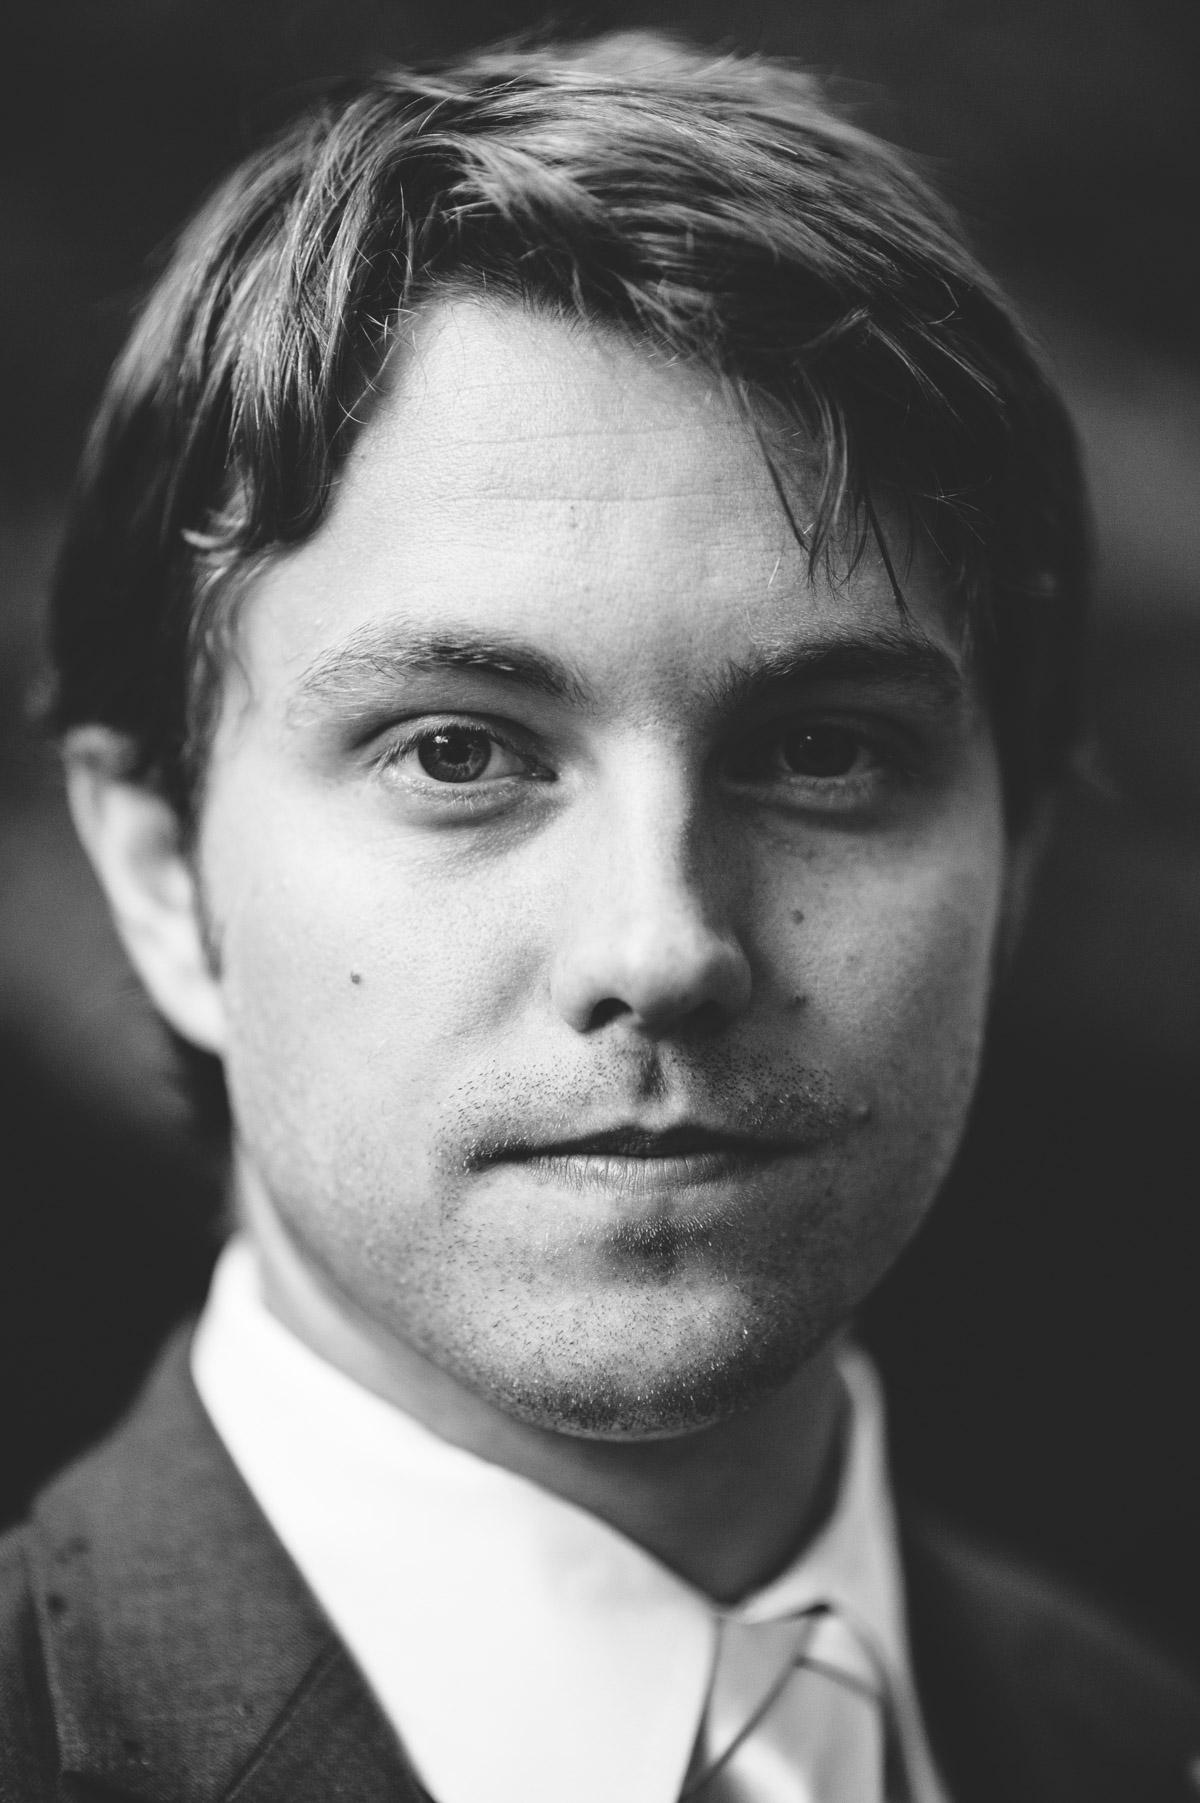 black and white groom closeup